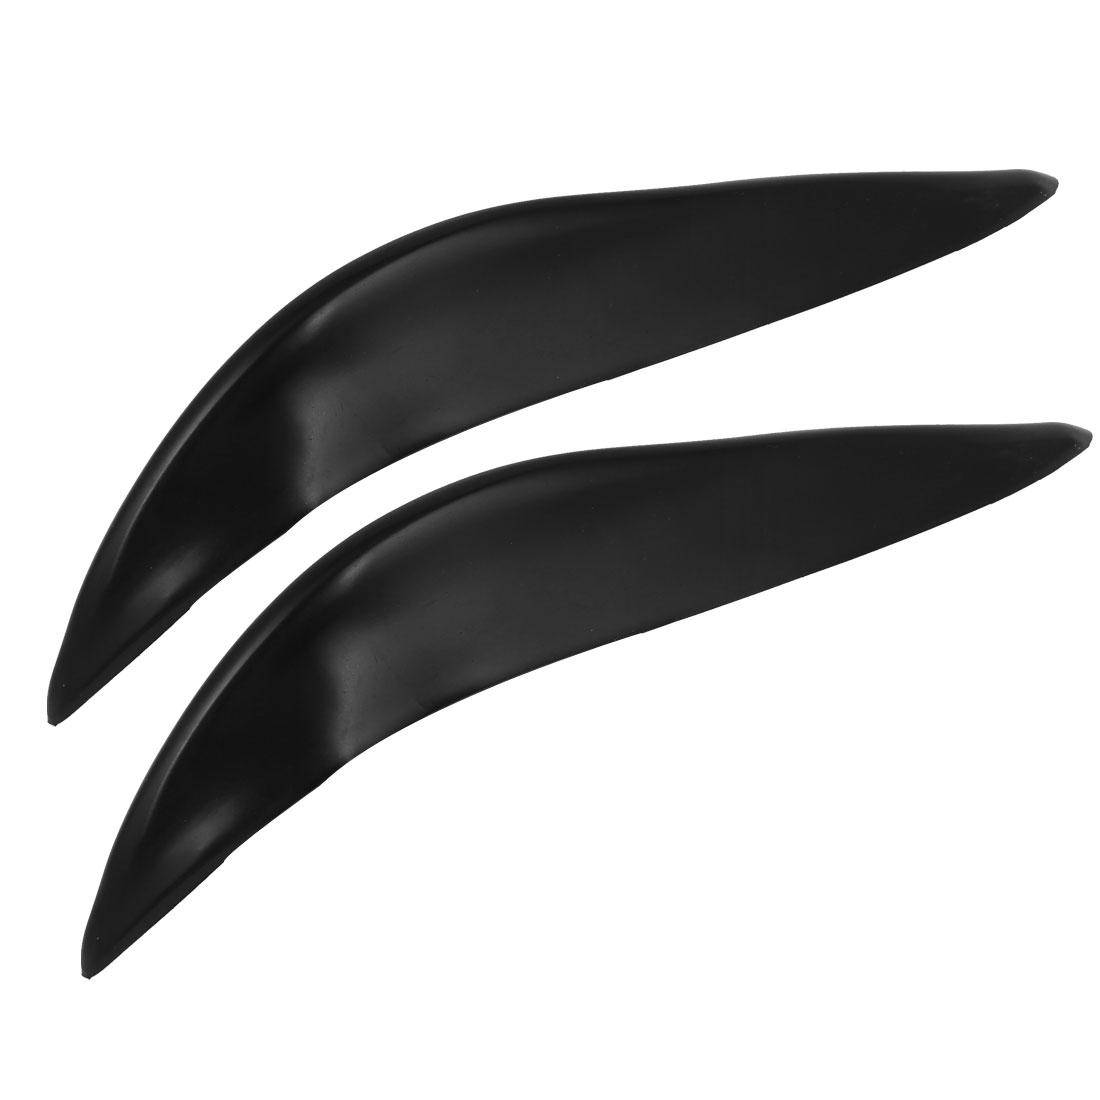 2 Pcs Car Black Corner Soft Plastic Front Rear Bumper Protector Stickers